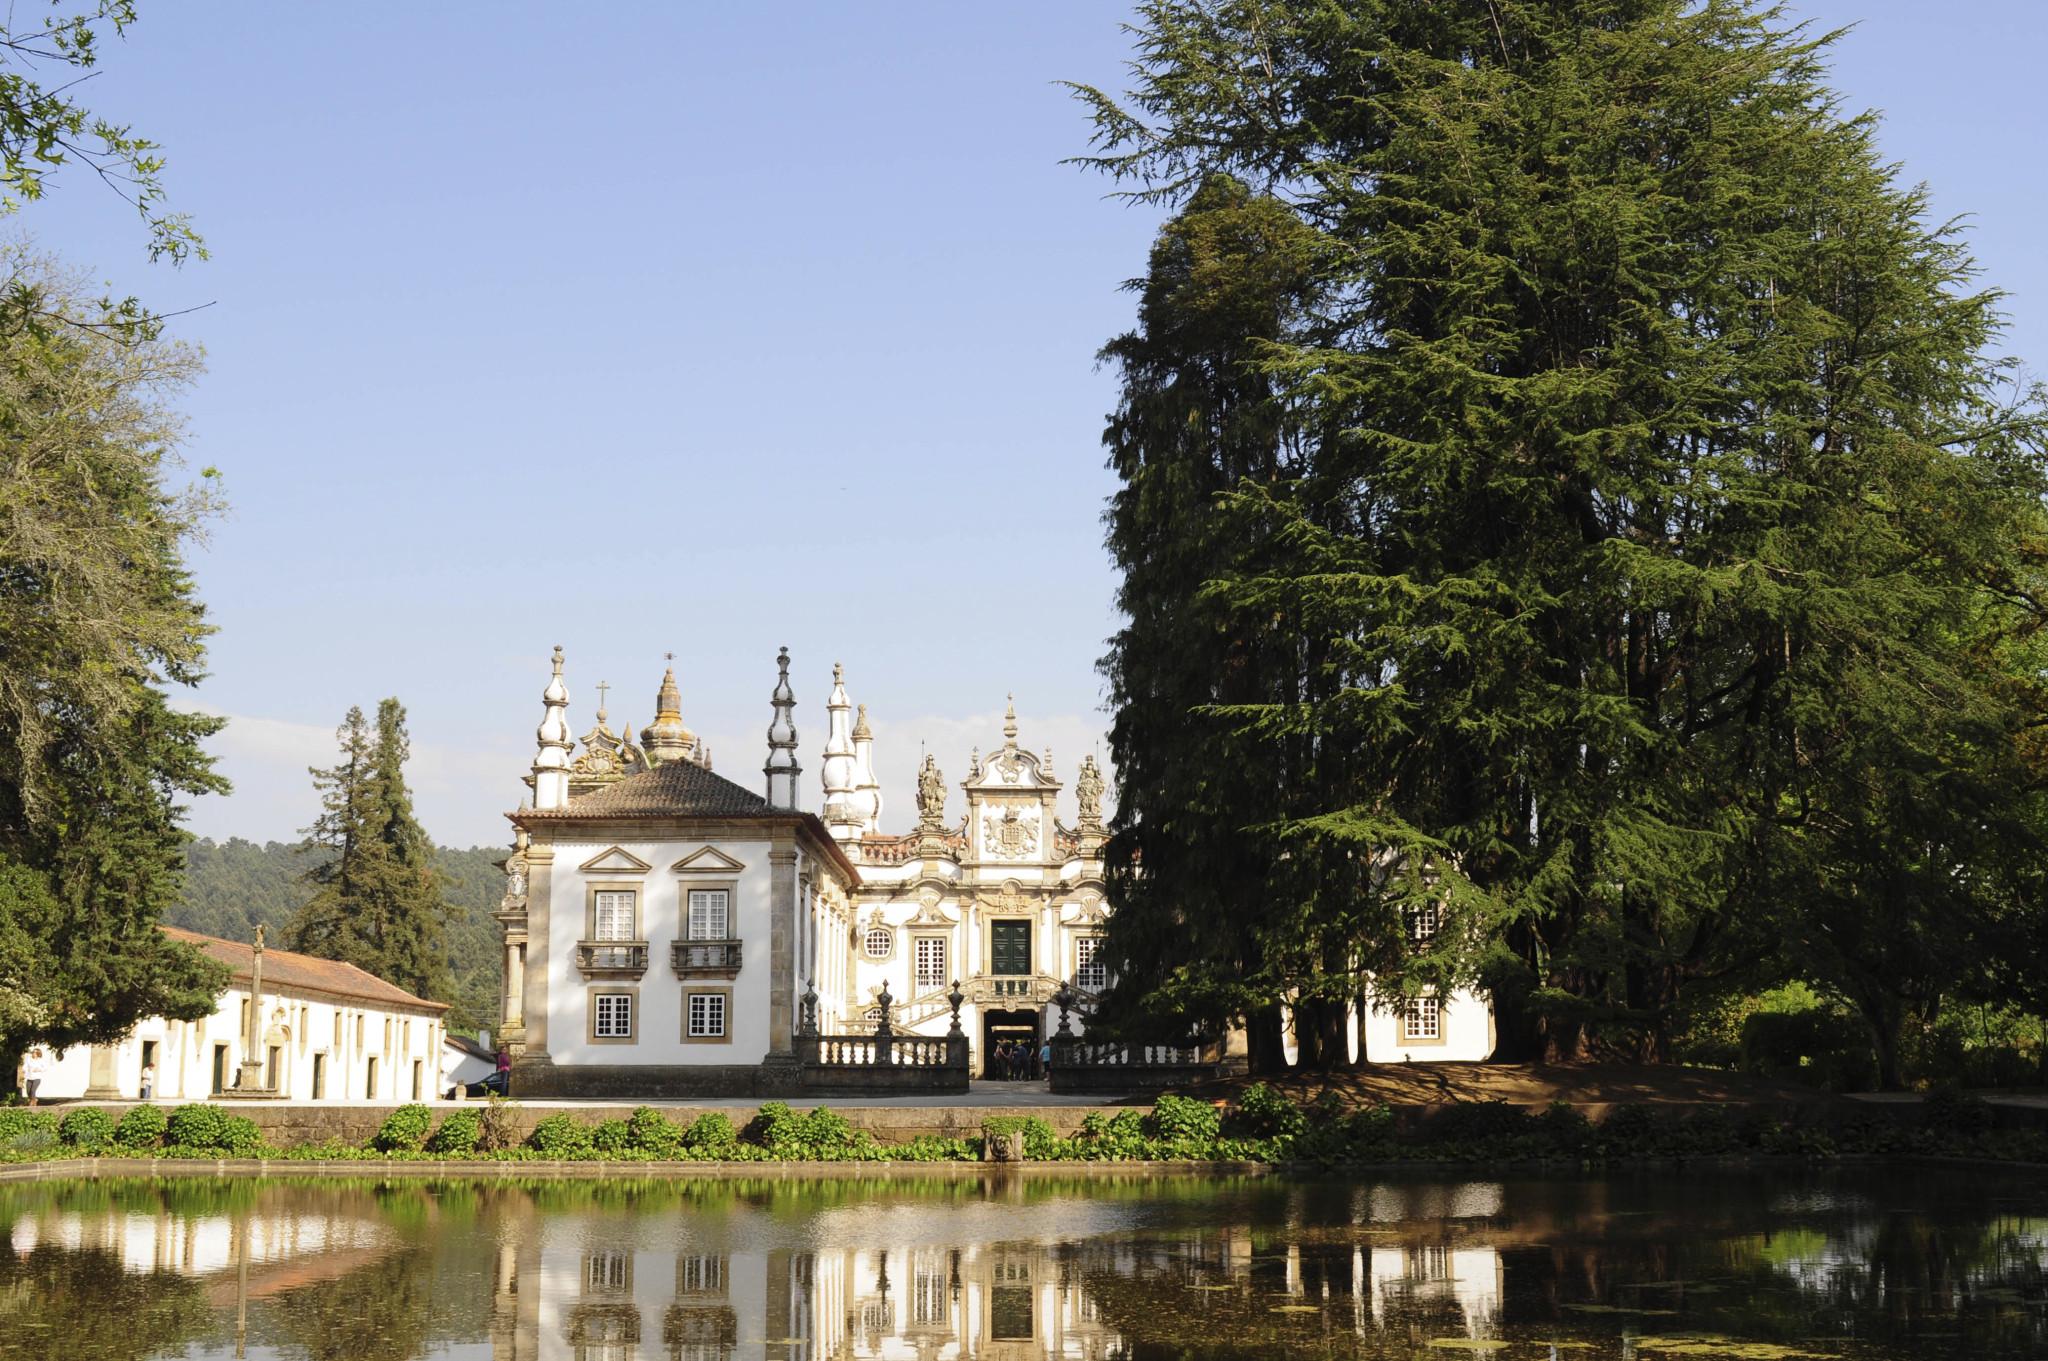 Mateus wineyard in Portugal